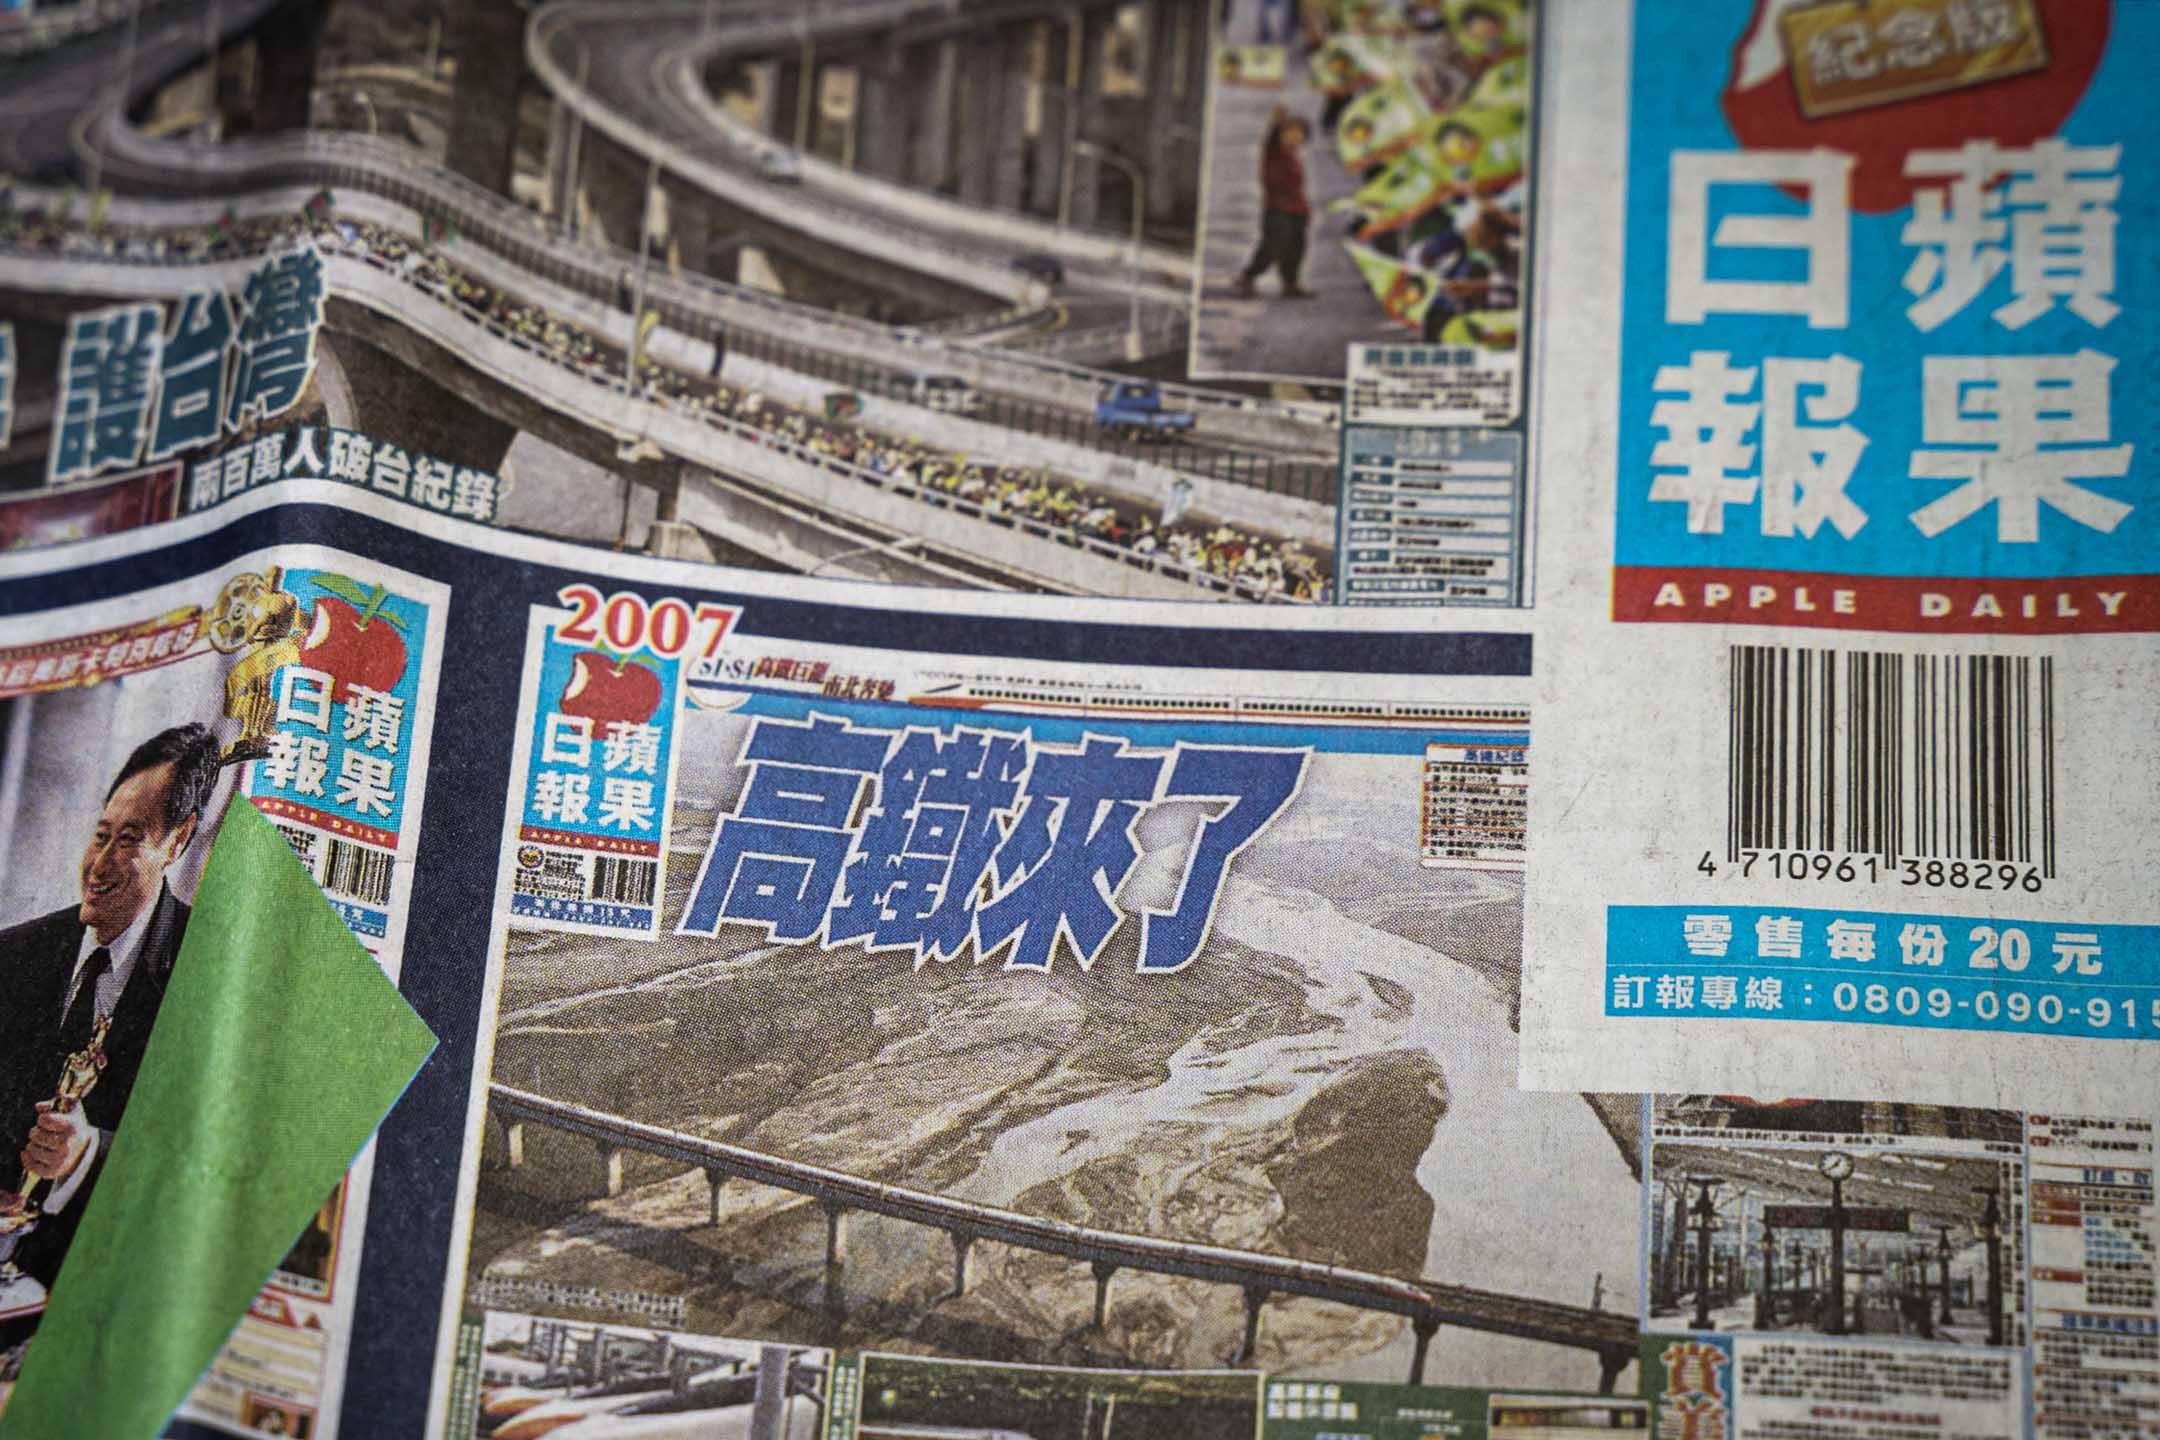 2021年5月17日台北,蘋果日報的封面。